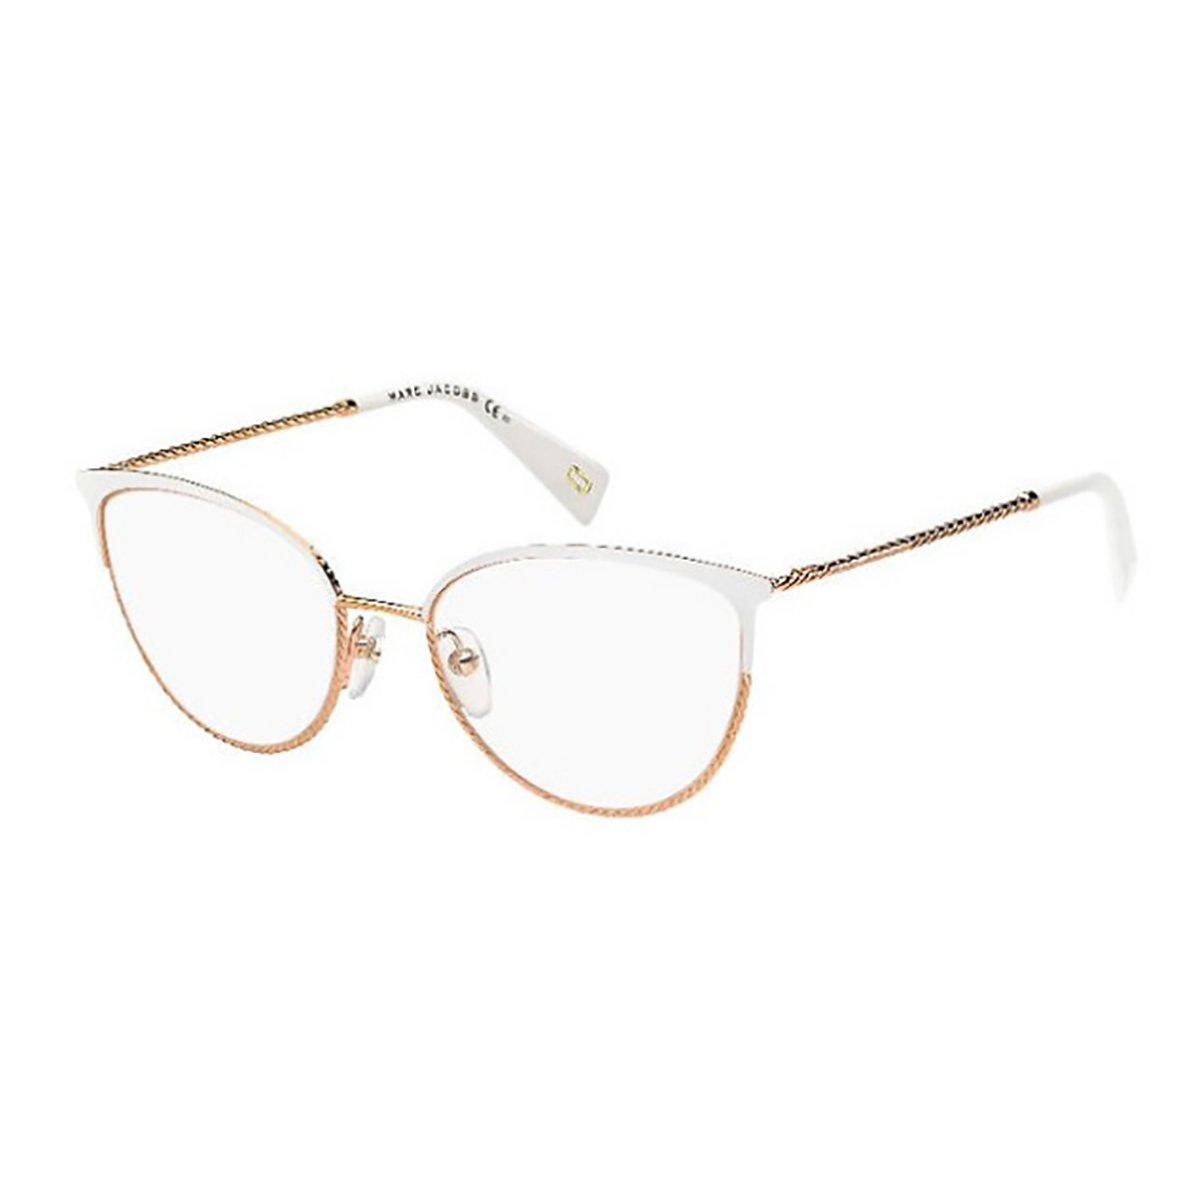 13e757b933e67 Compre Óculos de Grau Marc Jacobs em 10X   Tri-Jóia Shop